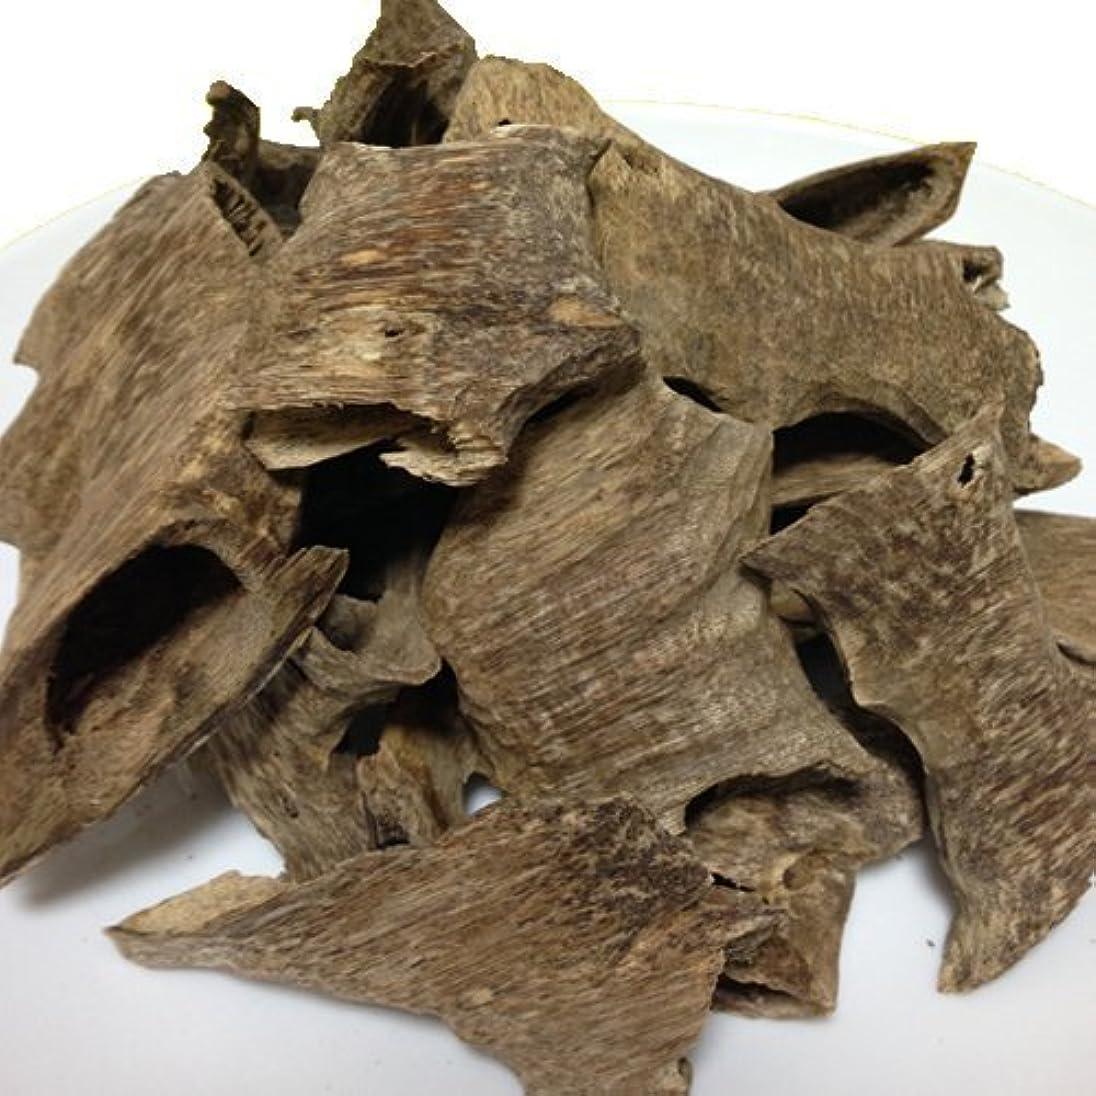 深いチップ損なう[ Vietnam market ] Agarwood Chips (Aloeswood Agalloch Eaglewood) From Vietnam 3.5 Oz by Vietnam market [並行輸入品]